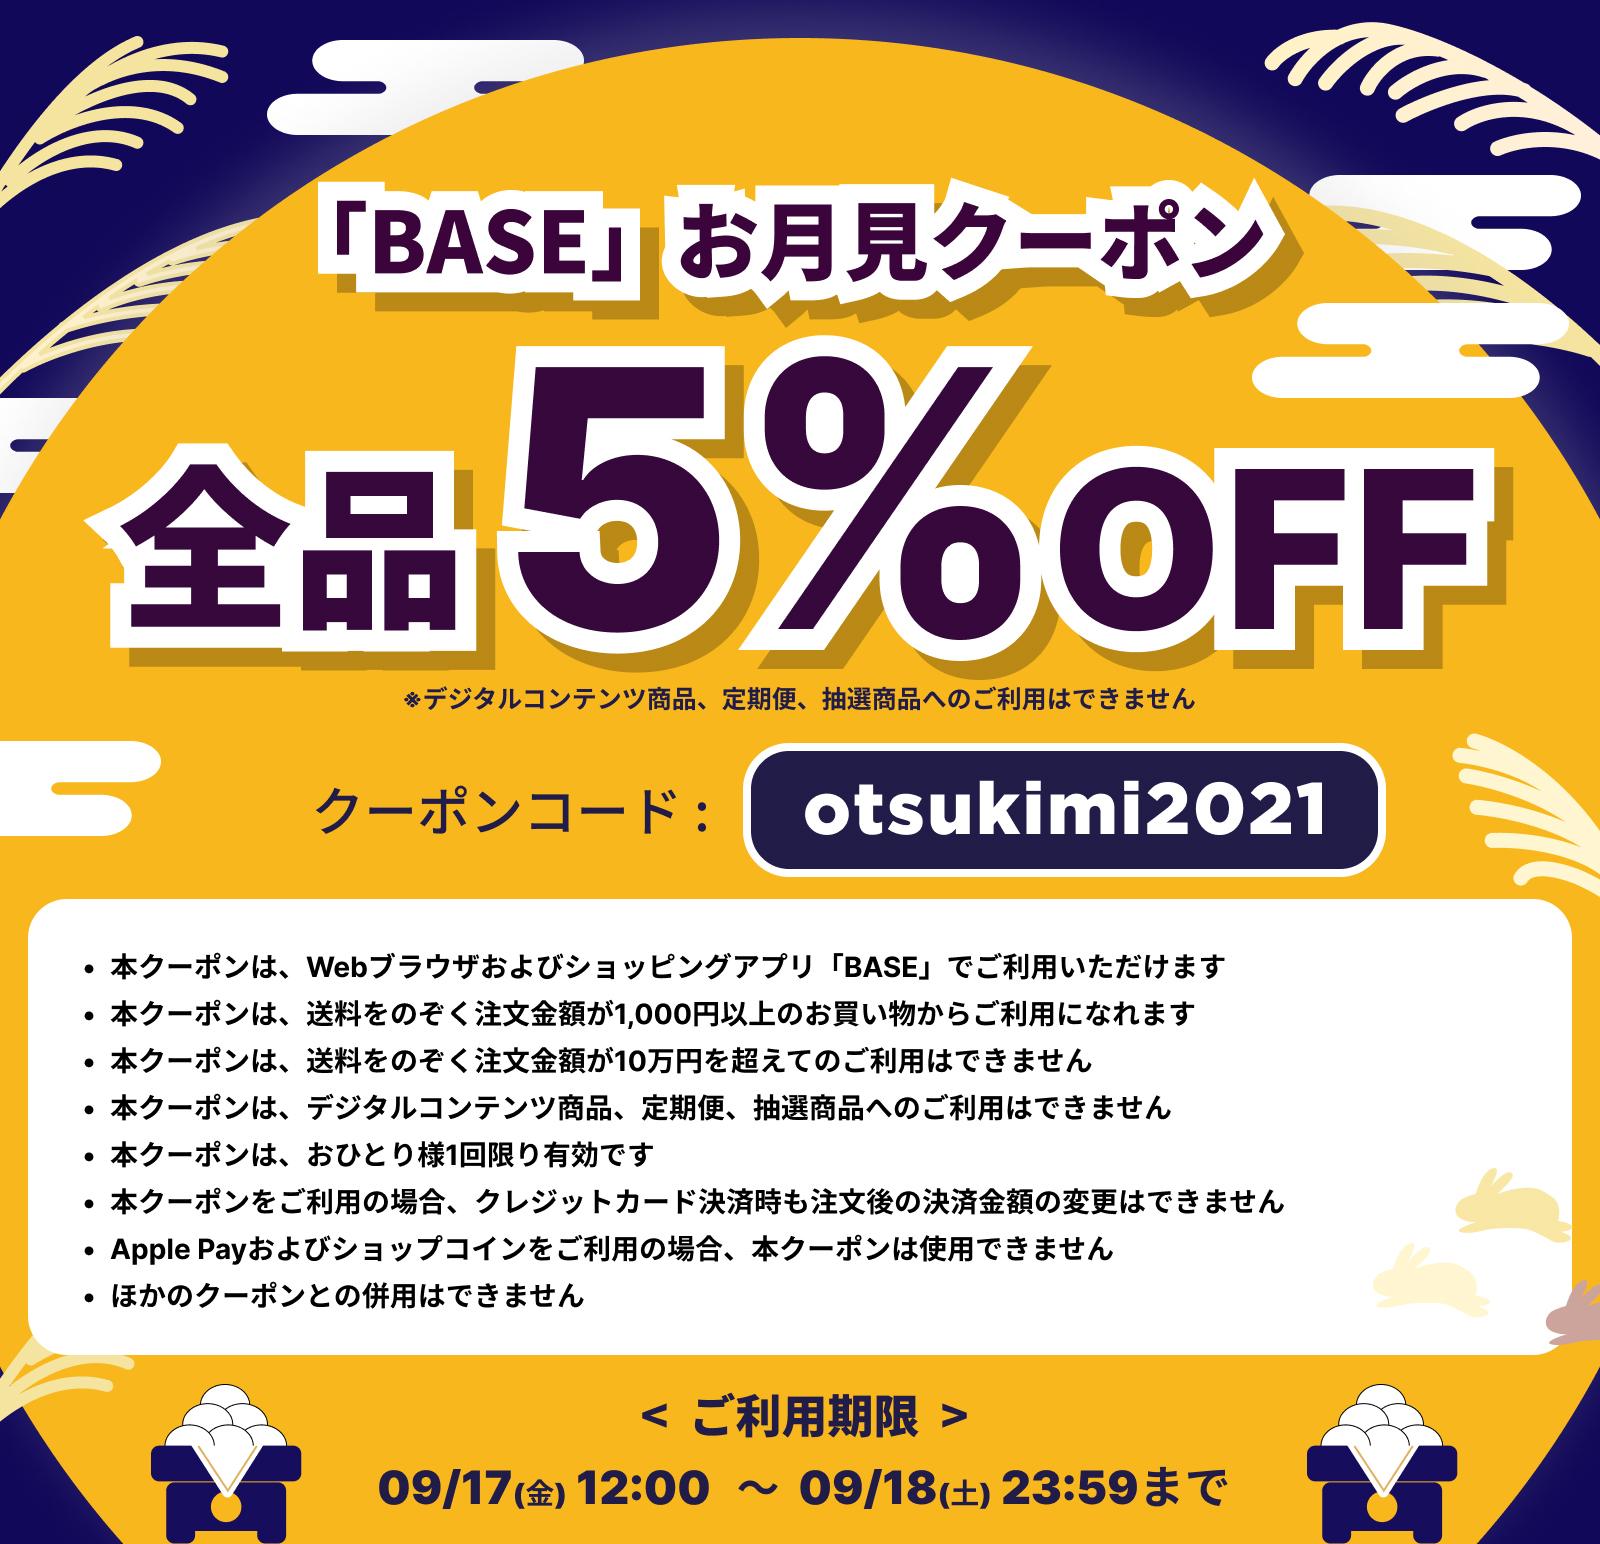 【9/17-9/18 期間限定】5%OFFクーポンのお知らせ